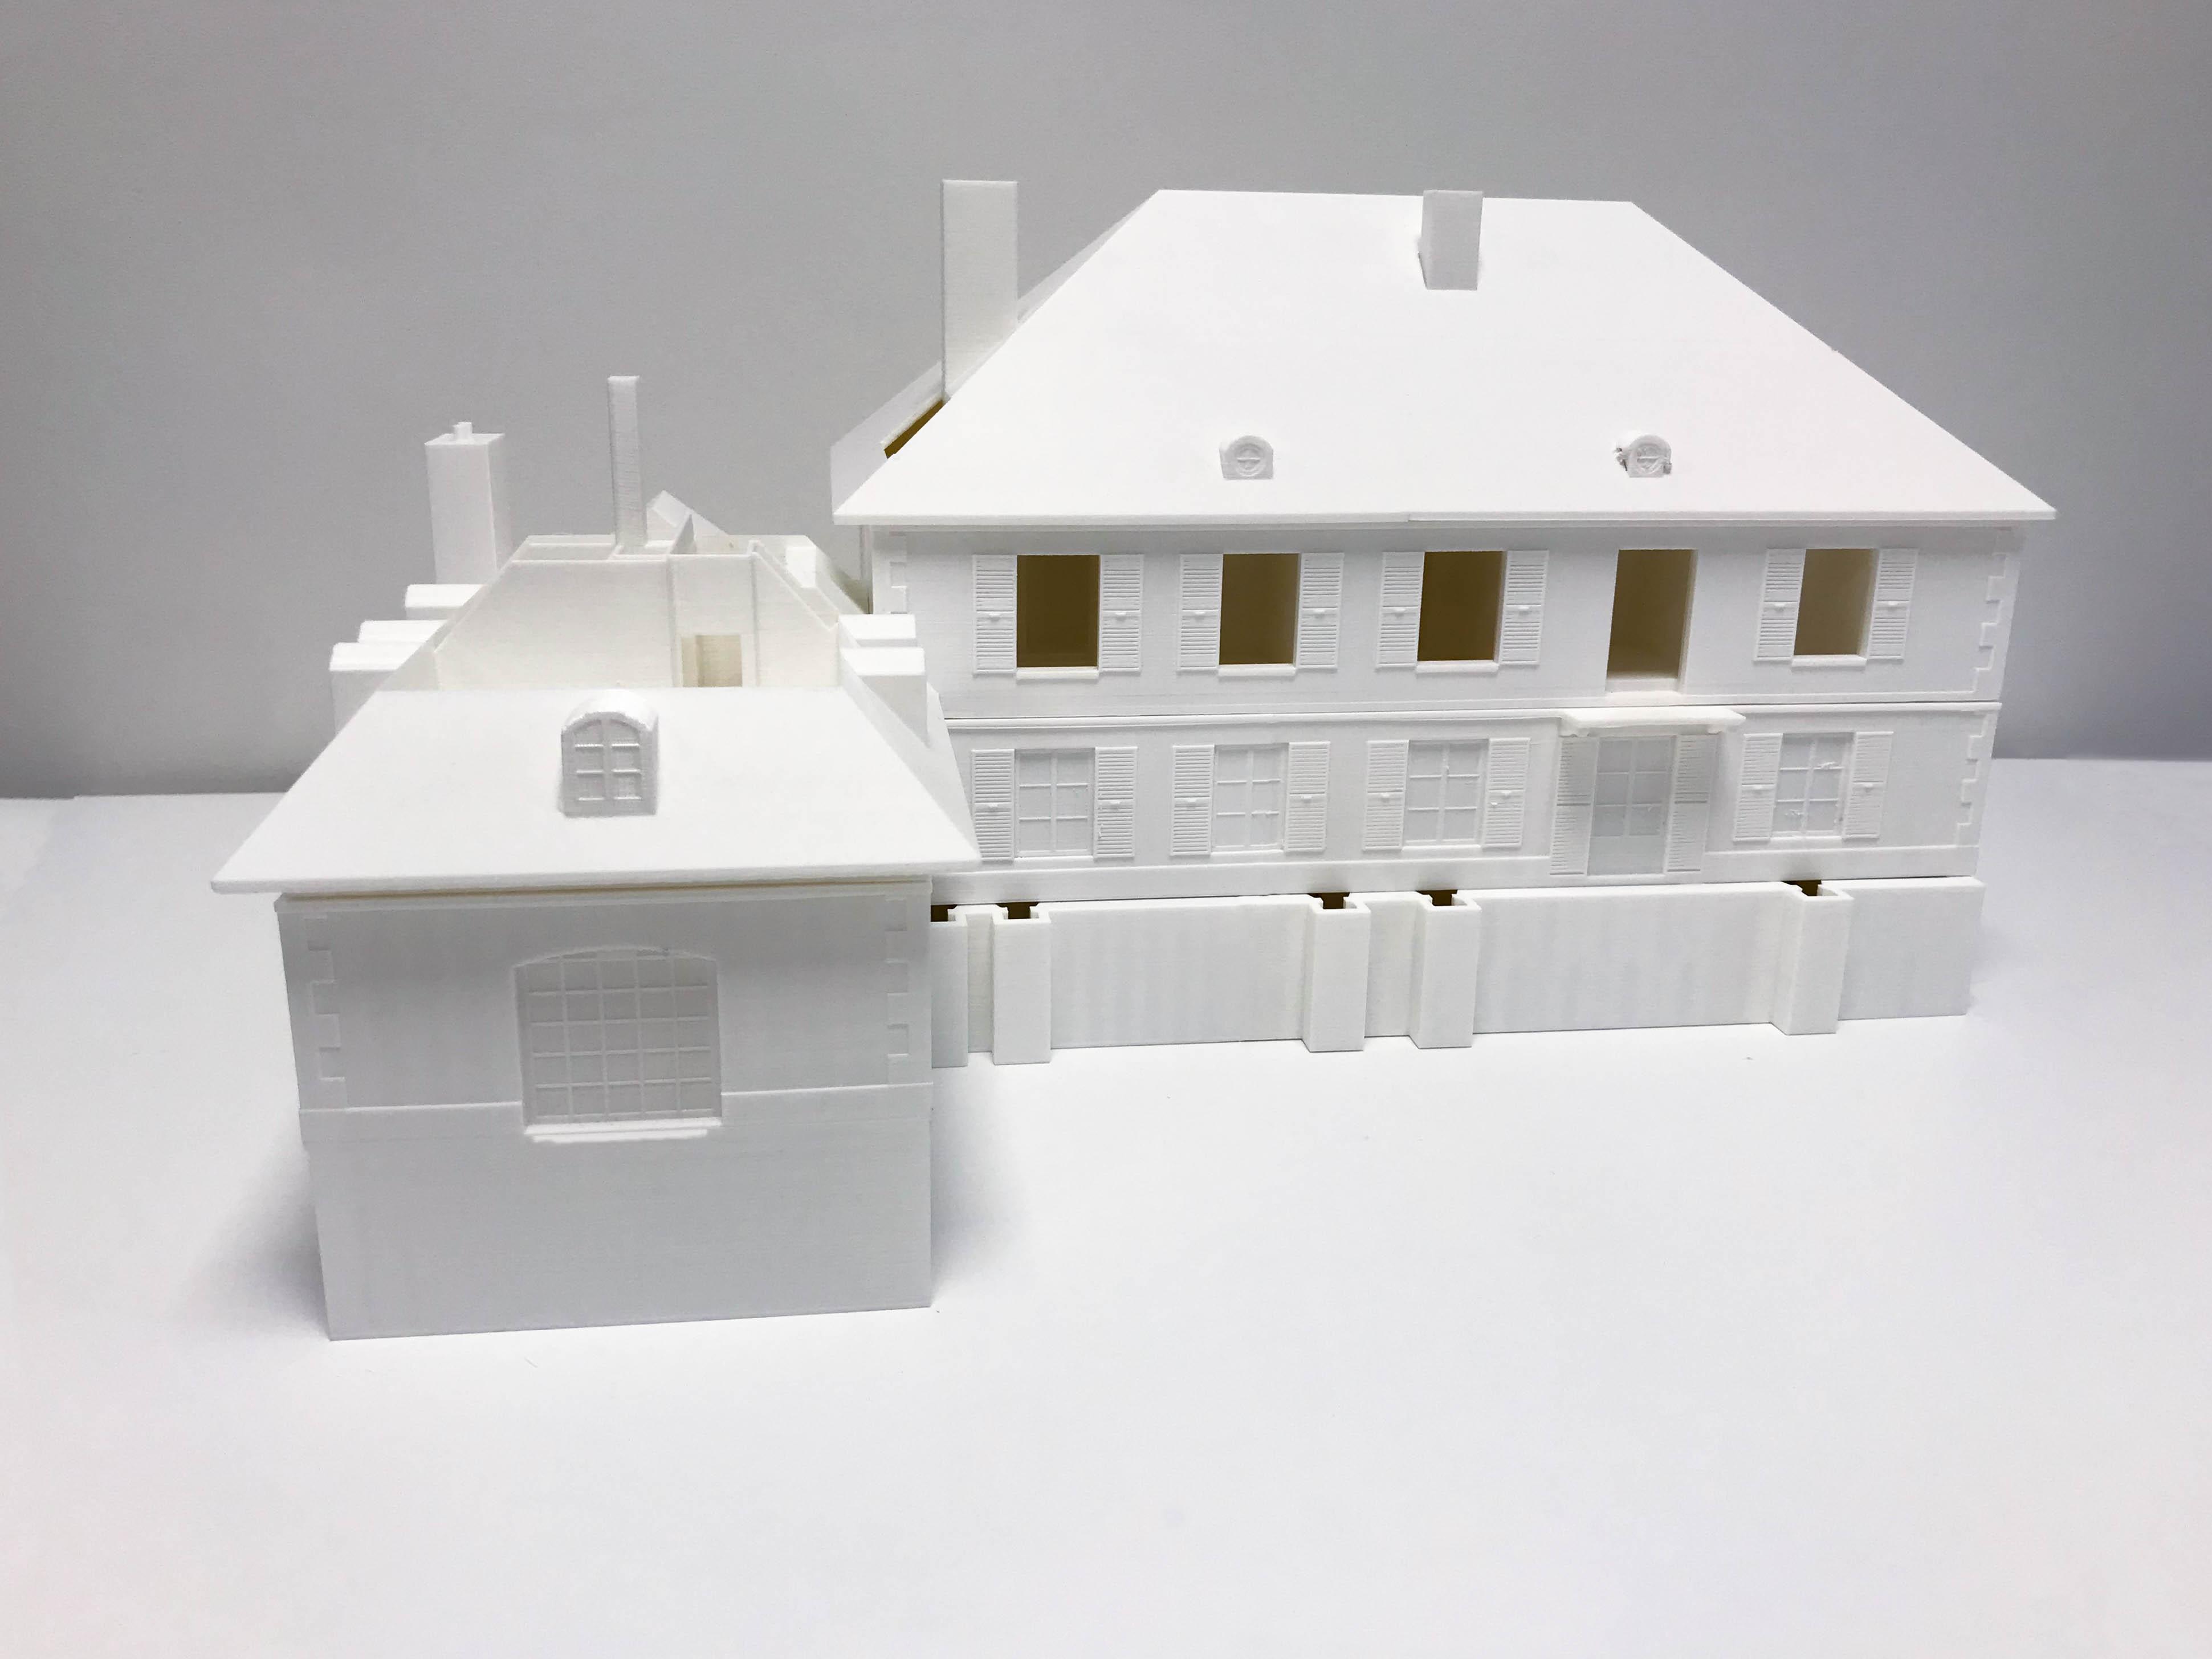 Maquette van demonteerbaar huis, 3D print in PLA